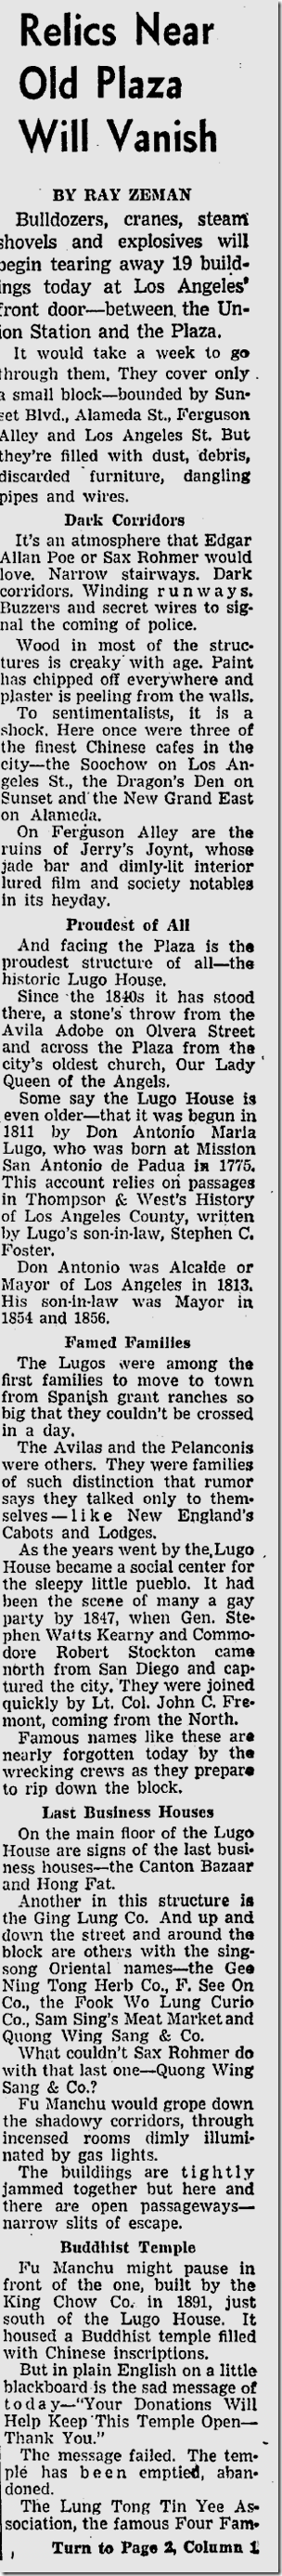 Feb. 7, 1951, Lugo Adobe Demolished